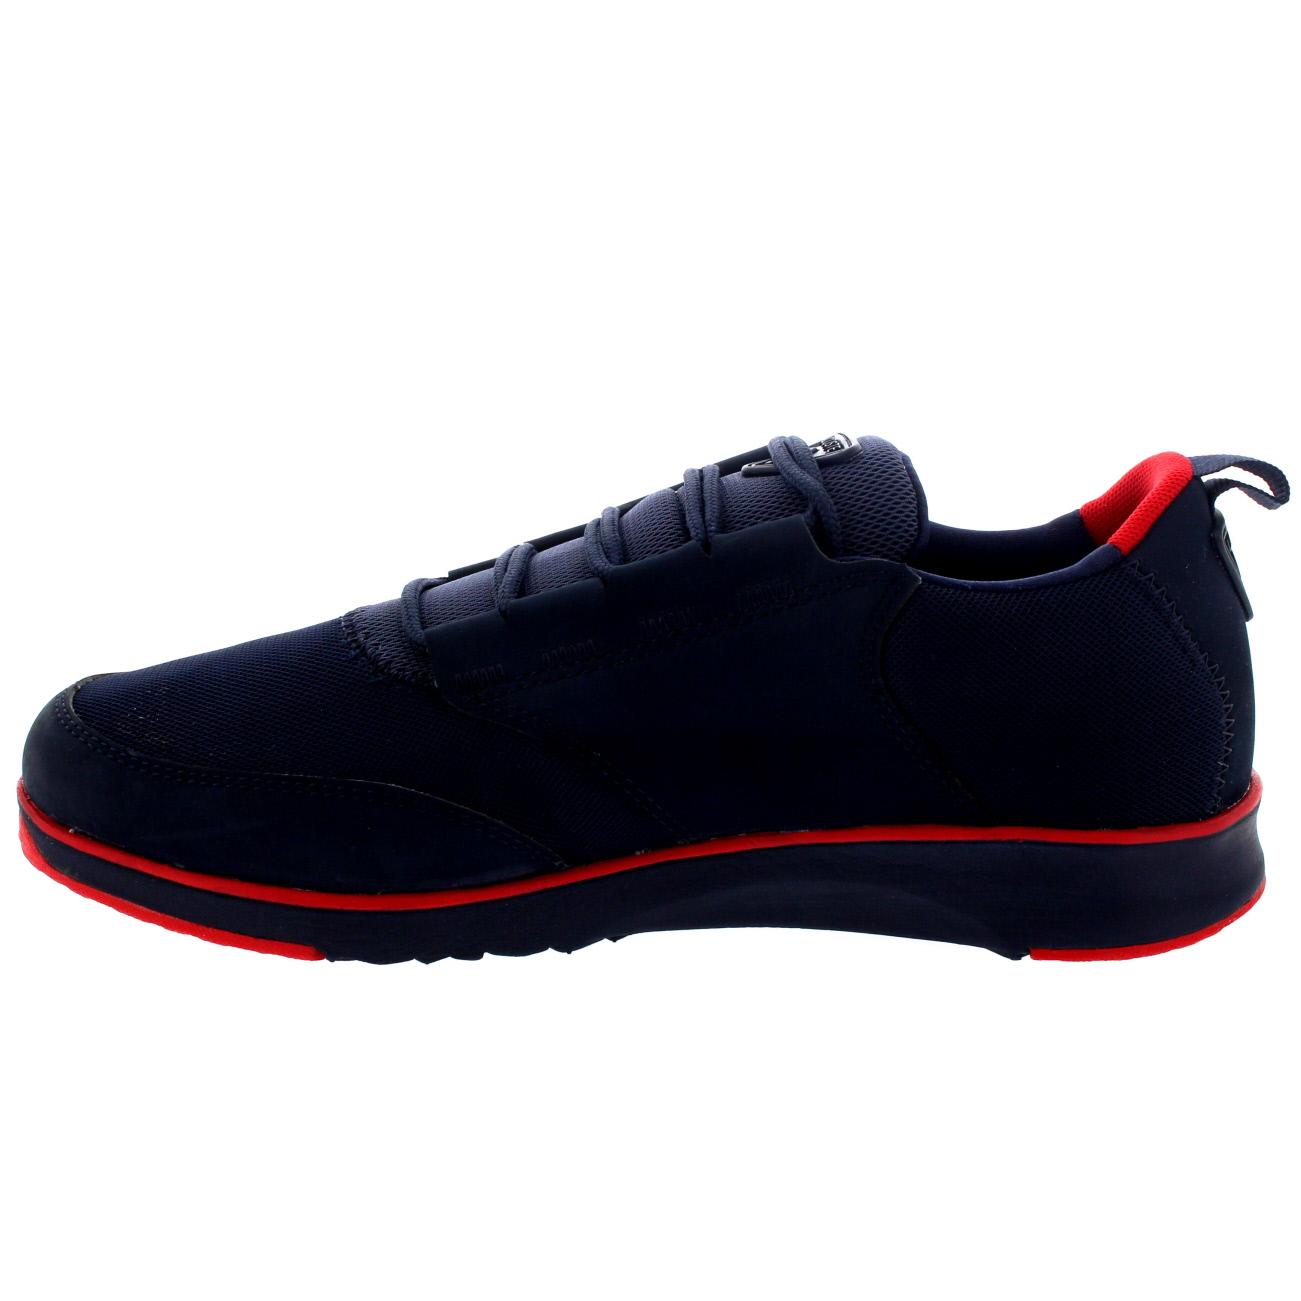 2e30f6921da Nylon ight L Caddzoom Sneaker Lacoste EqOnxUHwqd